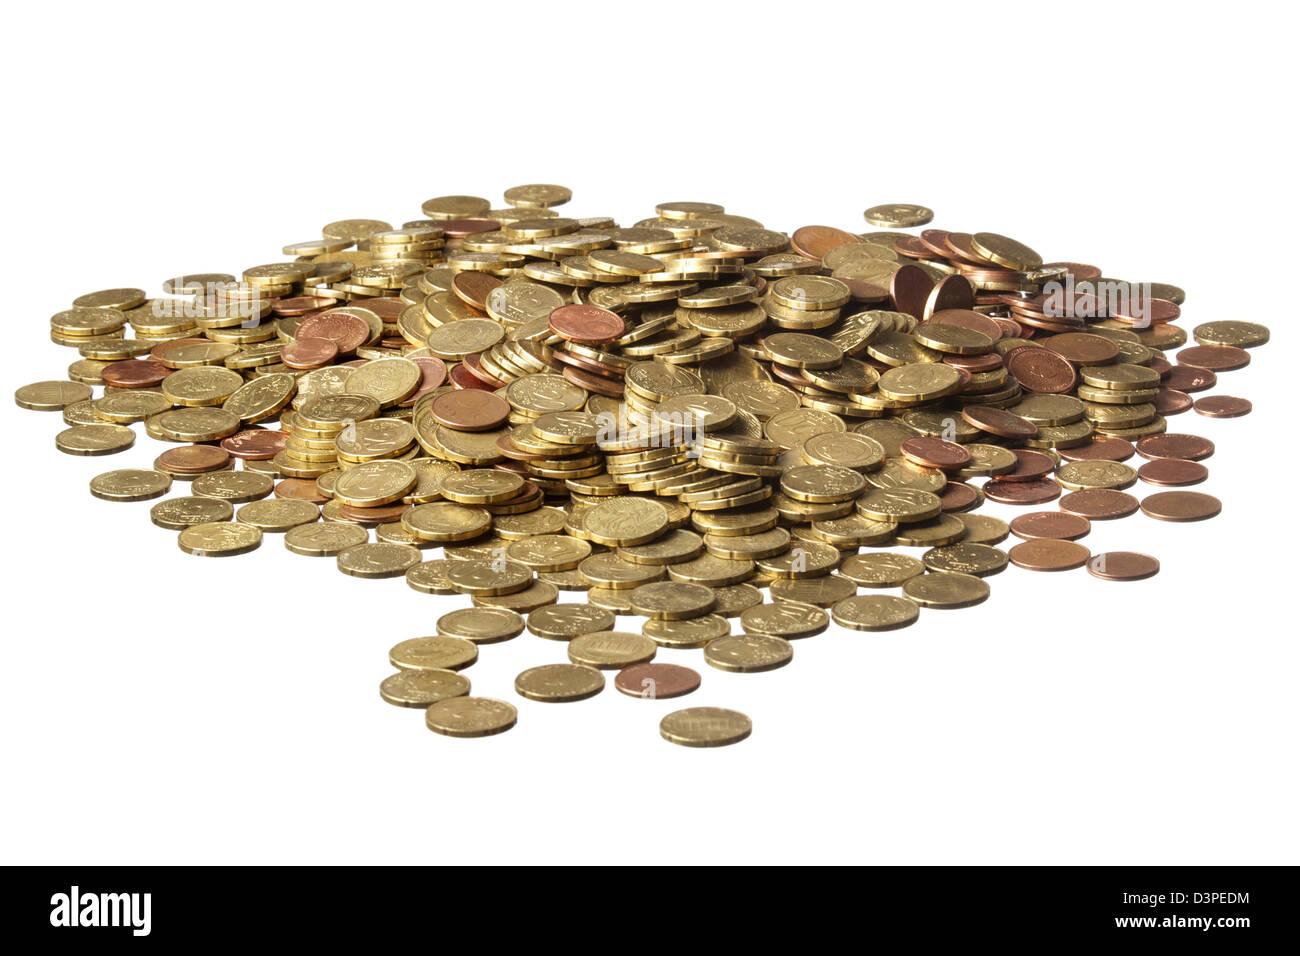 Kleingeld Haufen Von Vielen Euro Münzen Auf Weißem Hintergrund Vor